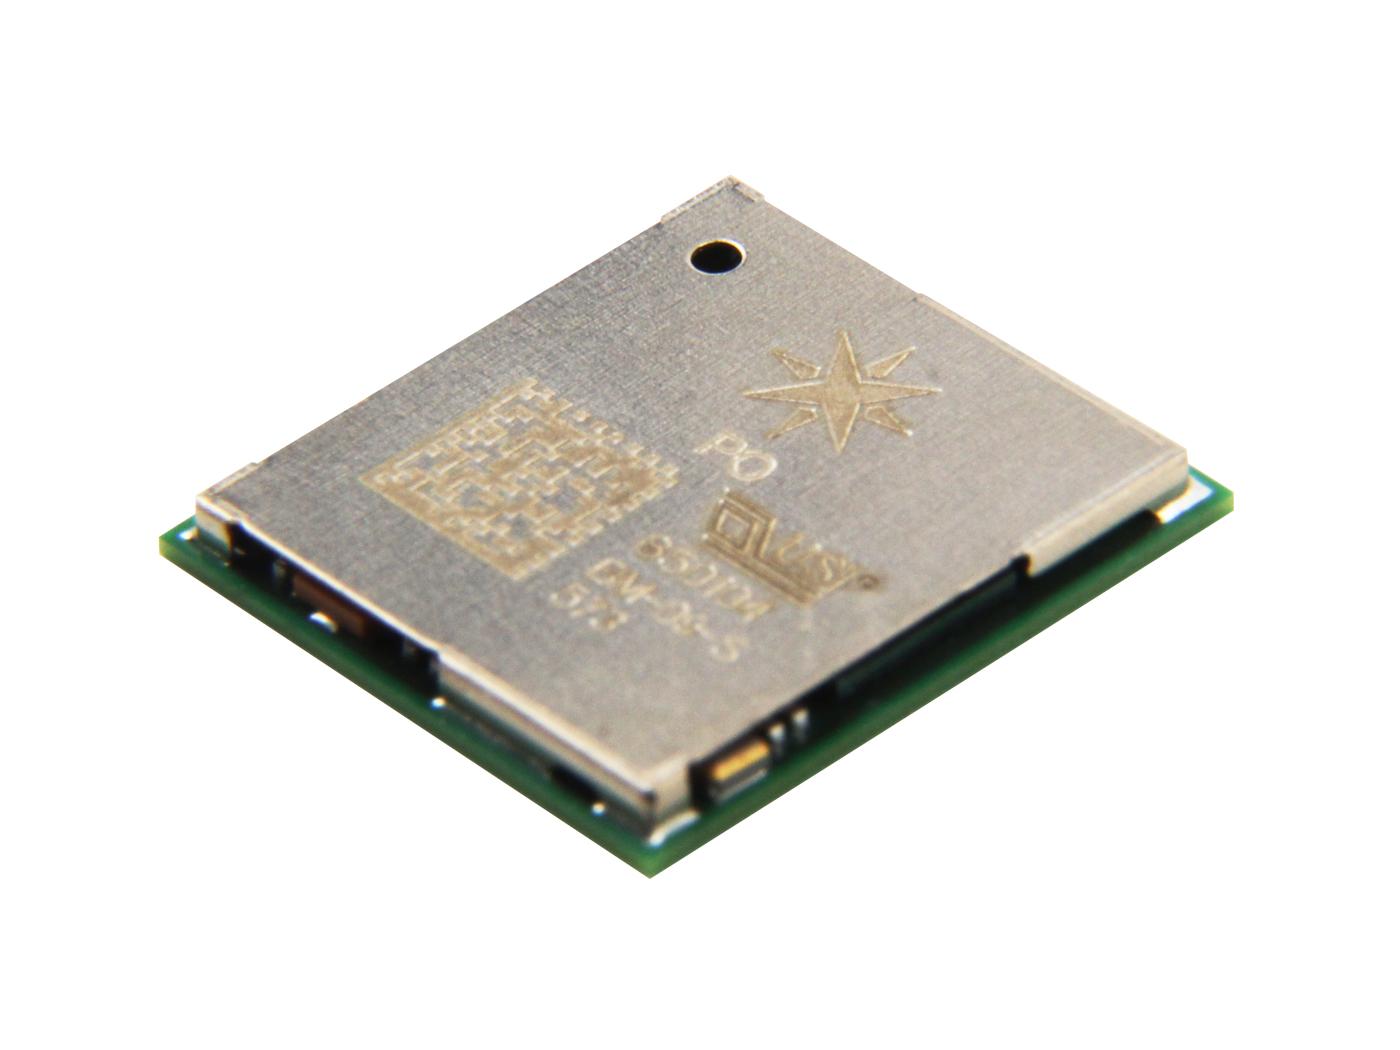 P0 - Particle Wi-Fi Module